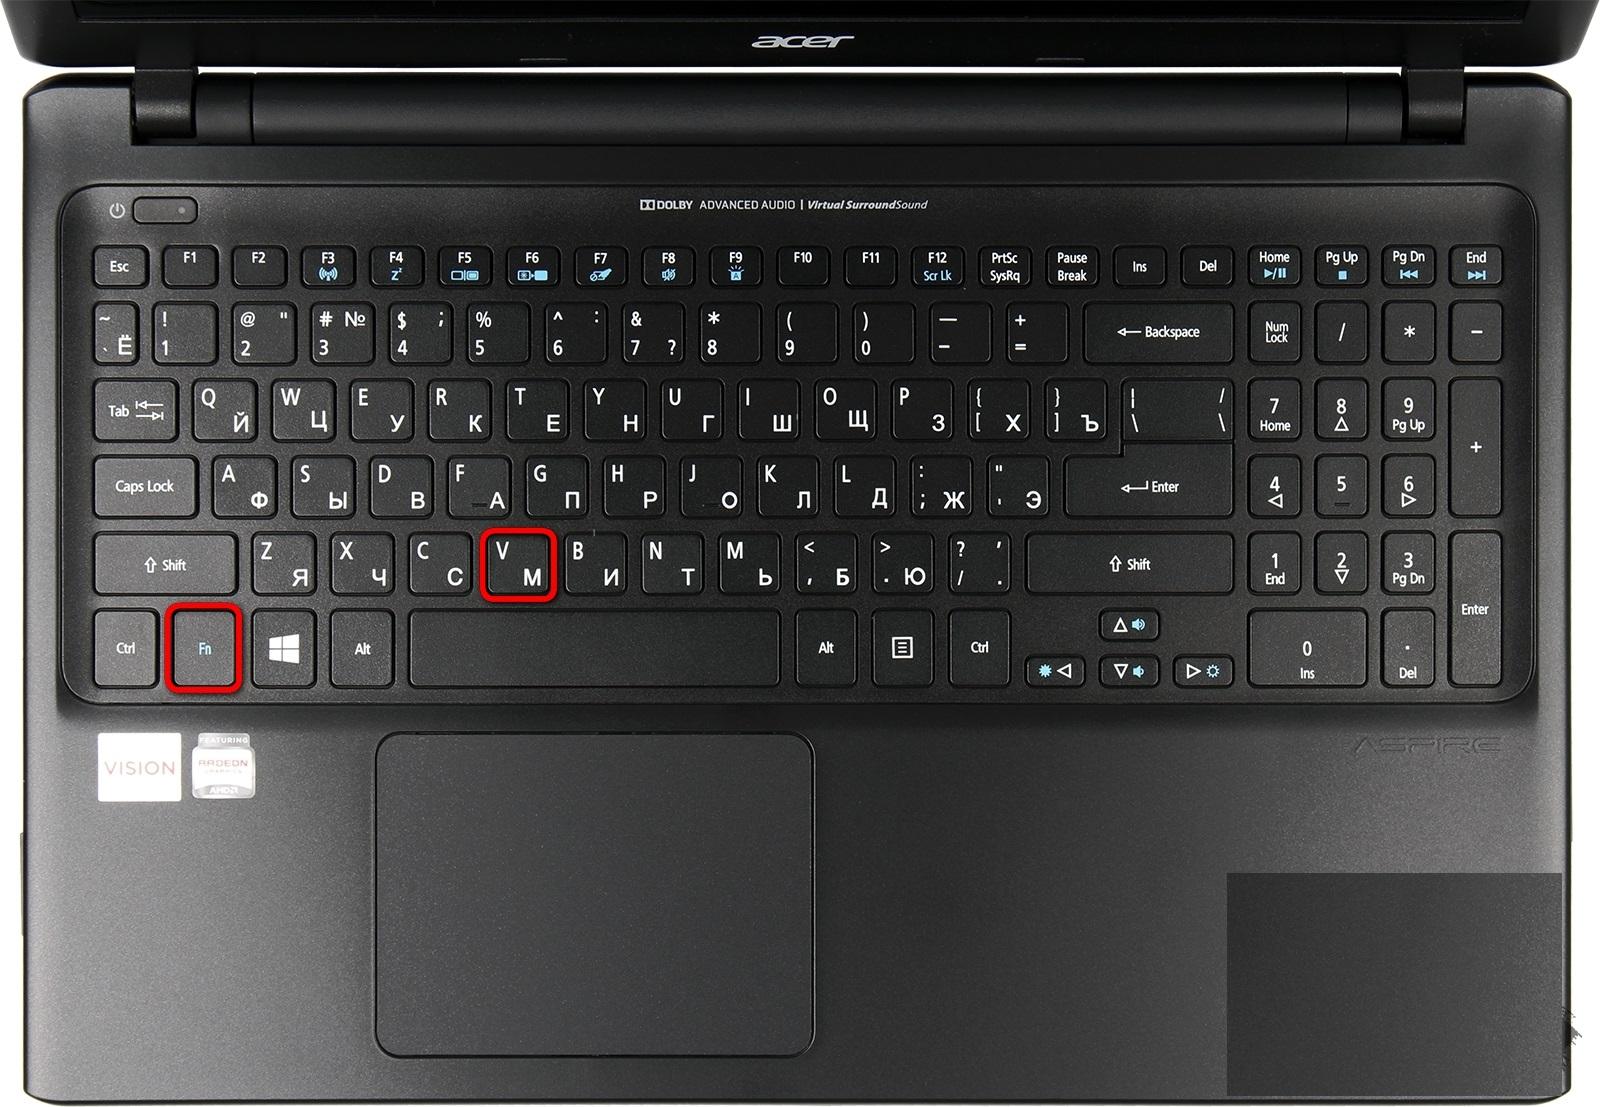 Скачать драйвер для веб камеры ноутбука emachines